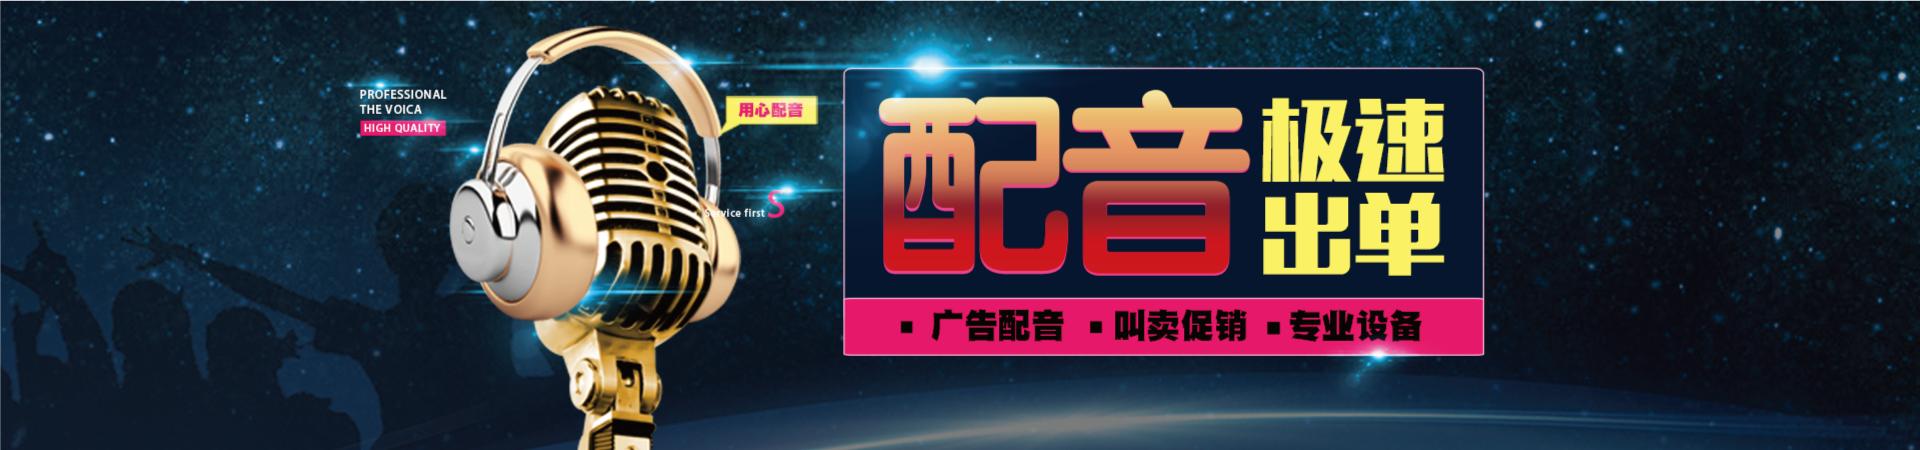 专业亚虎官网app亚虎新版官方网app下载